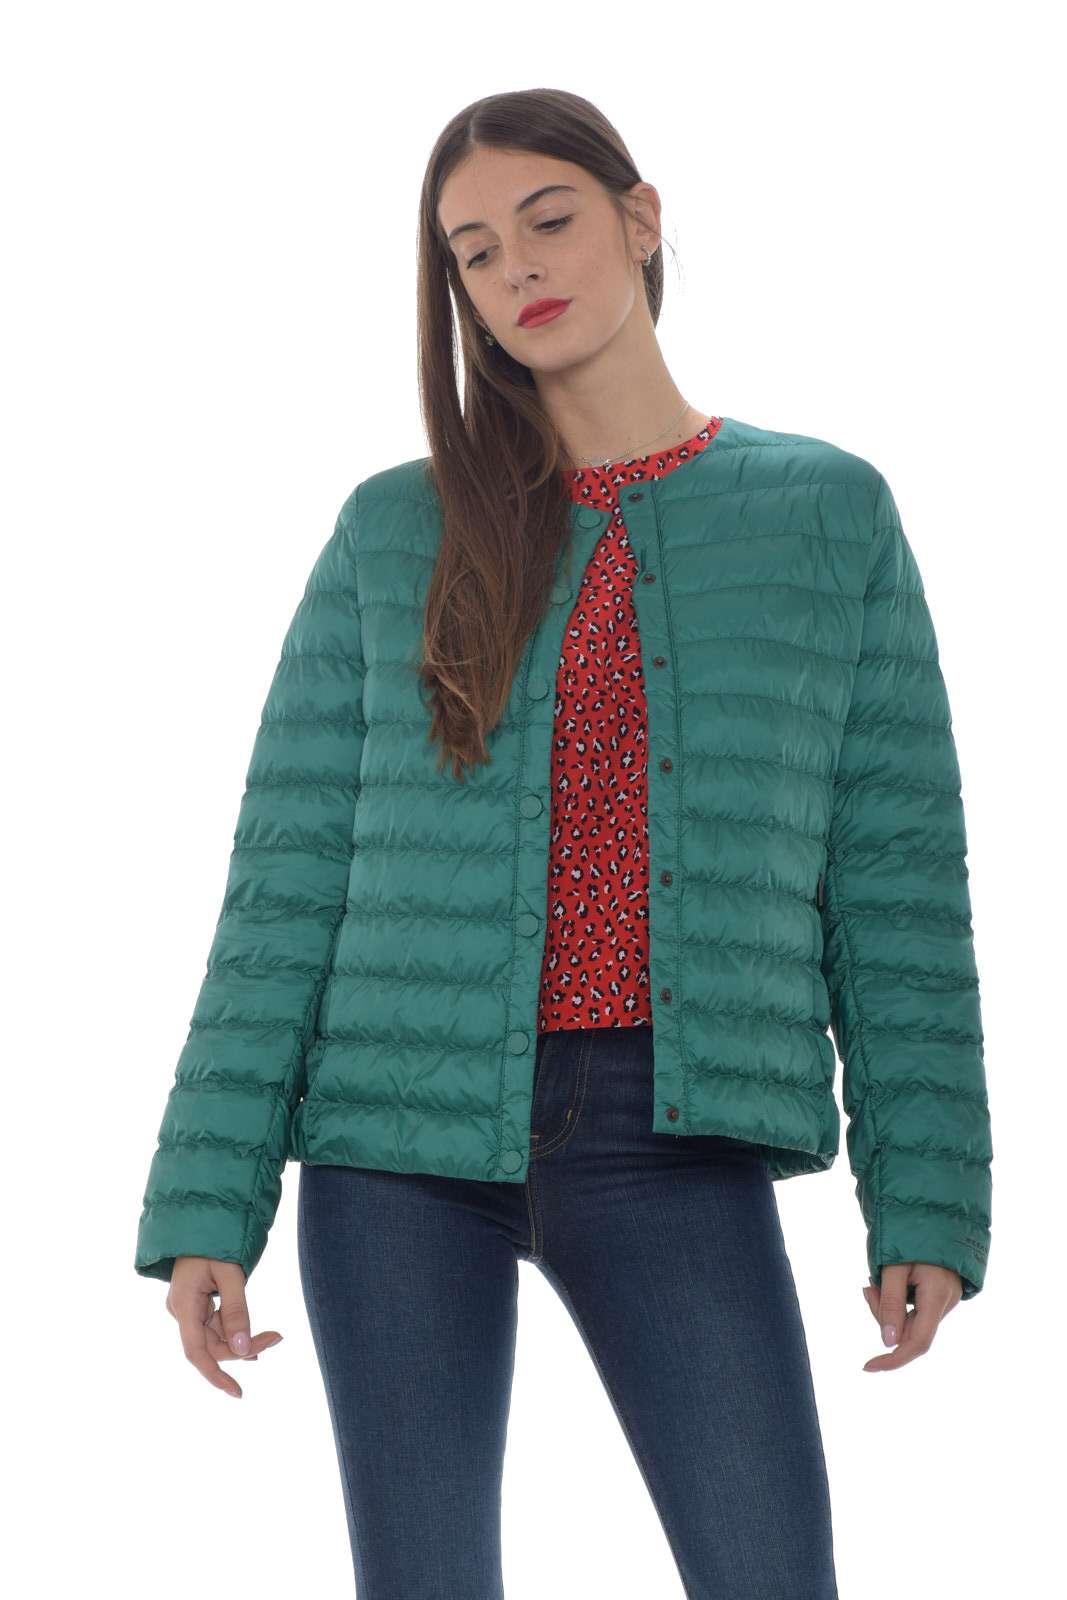 https://www.parmax.com/media/catalog/product/a/i/AI-outlet_parmax-piumino-donna-MaxMara-54860399-A.jpg